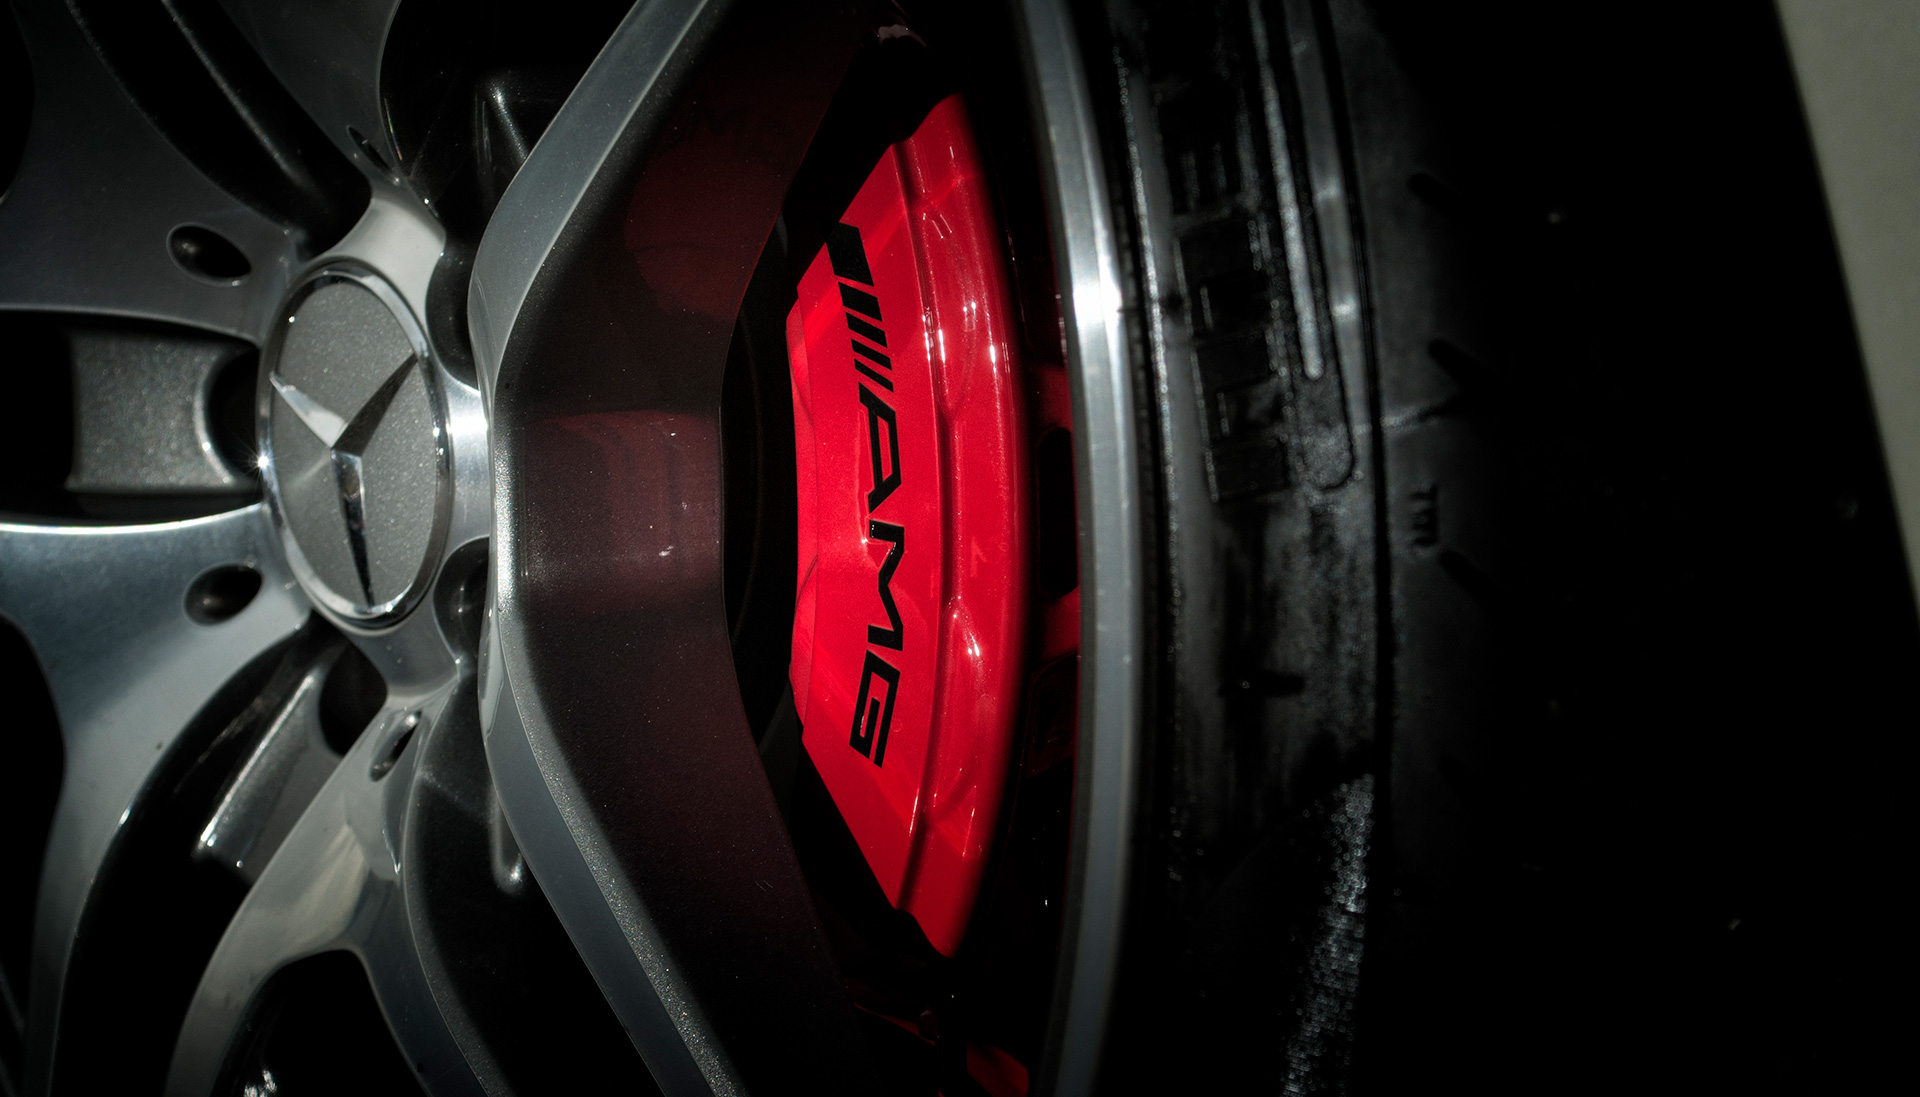 Mercedes SLS AMG Gullwing alloy wheel